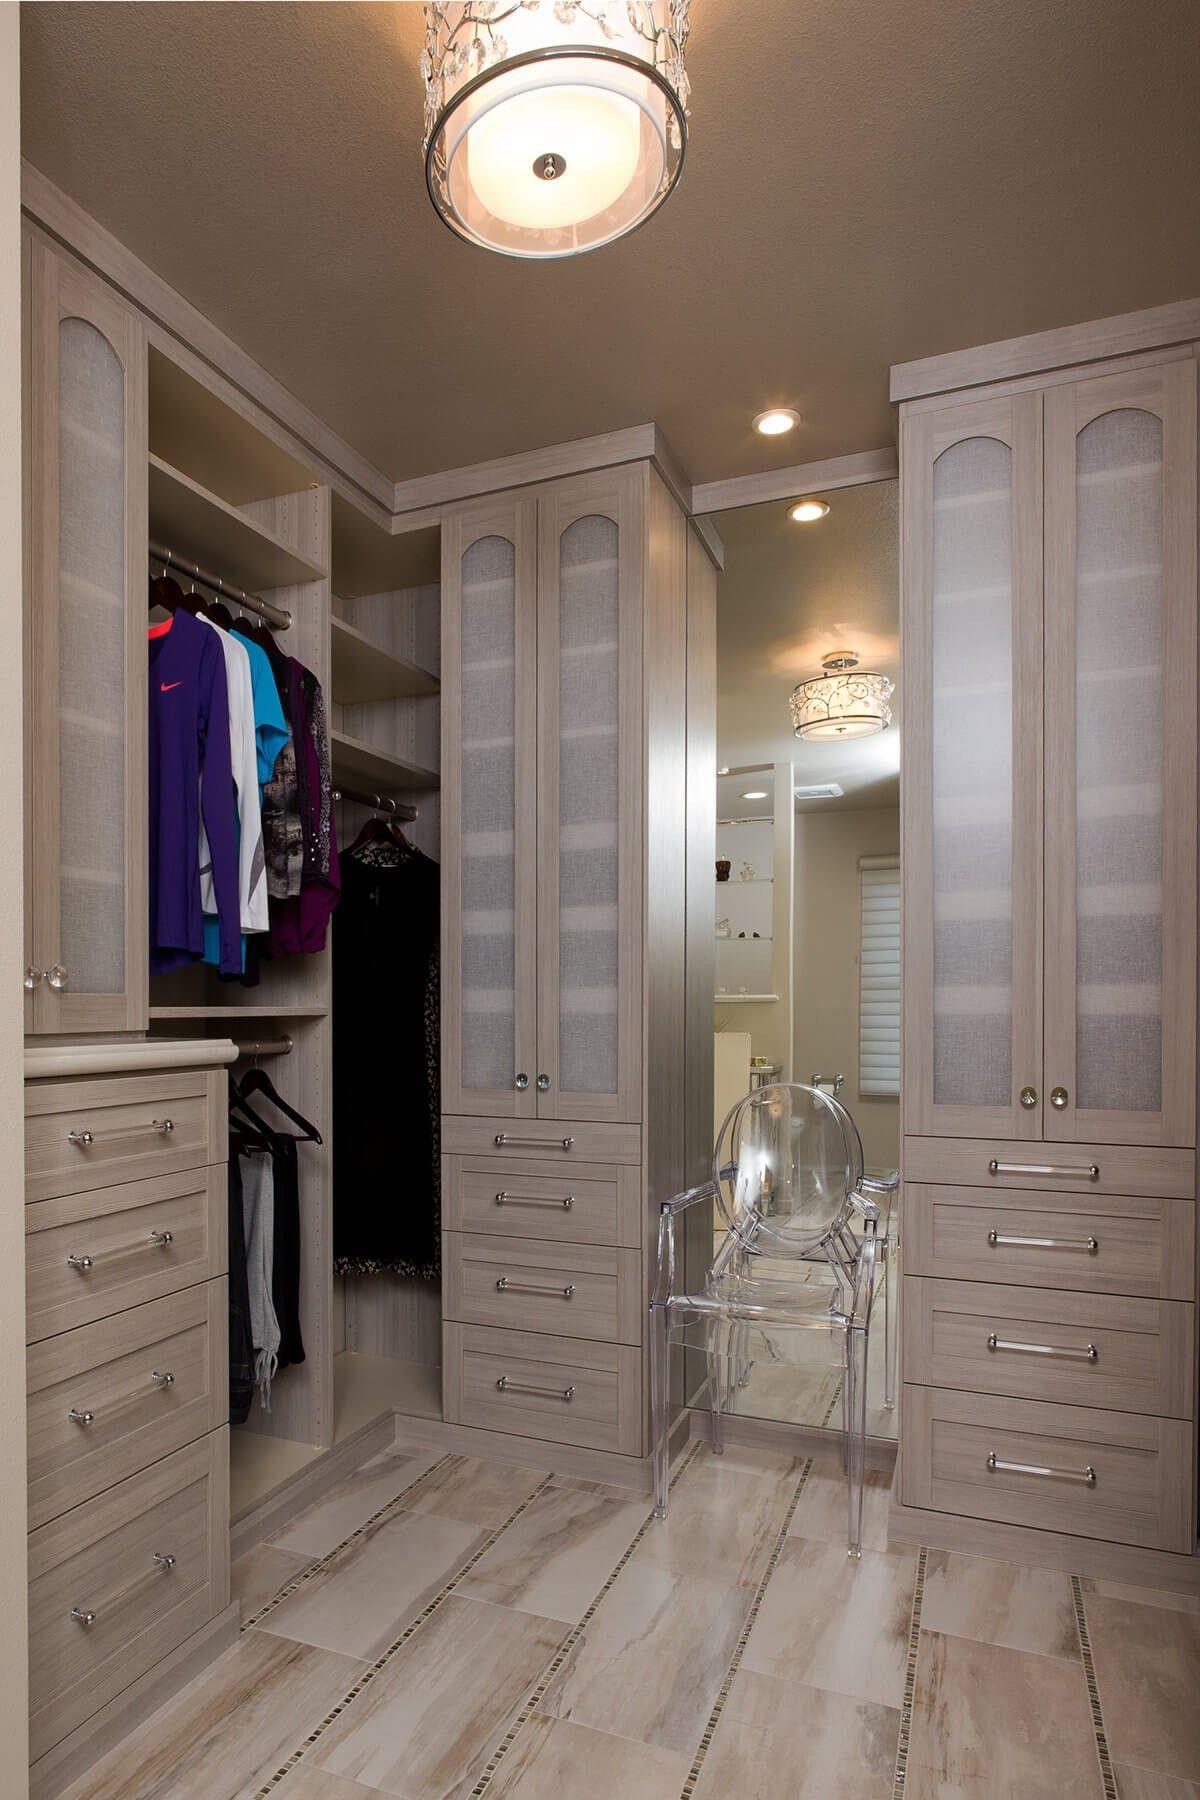 Ein Boden Bis Zur Decke Spiegel Gibt Die Illusion Eines Größeren Raumes  Zwischen Zwei Schränke Mit